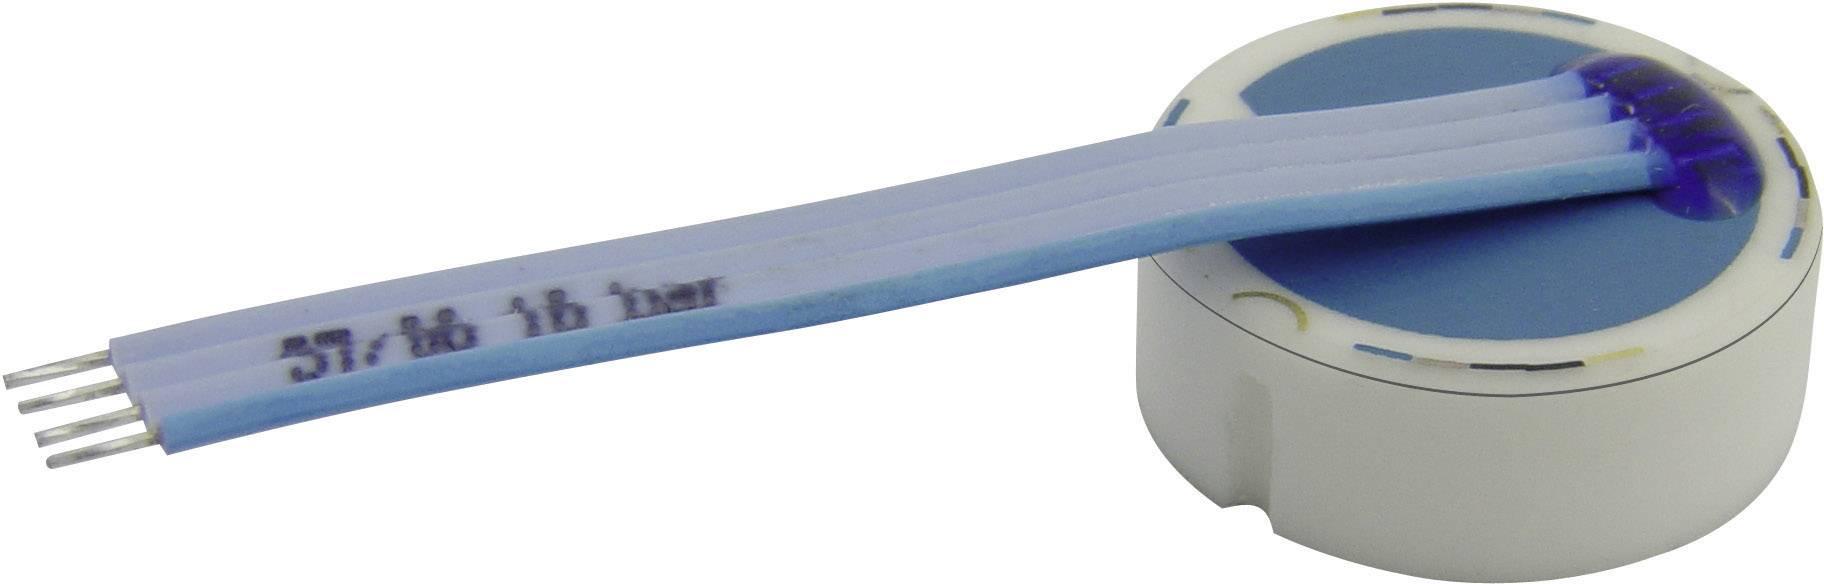 Senzor tlaku B+B Thermo-Technik DS-KE-D-R40B, DS-KE-D-R40B, 40 bar do 40 bar